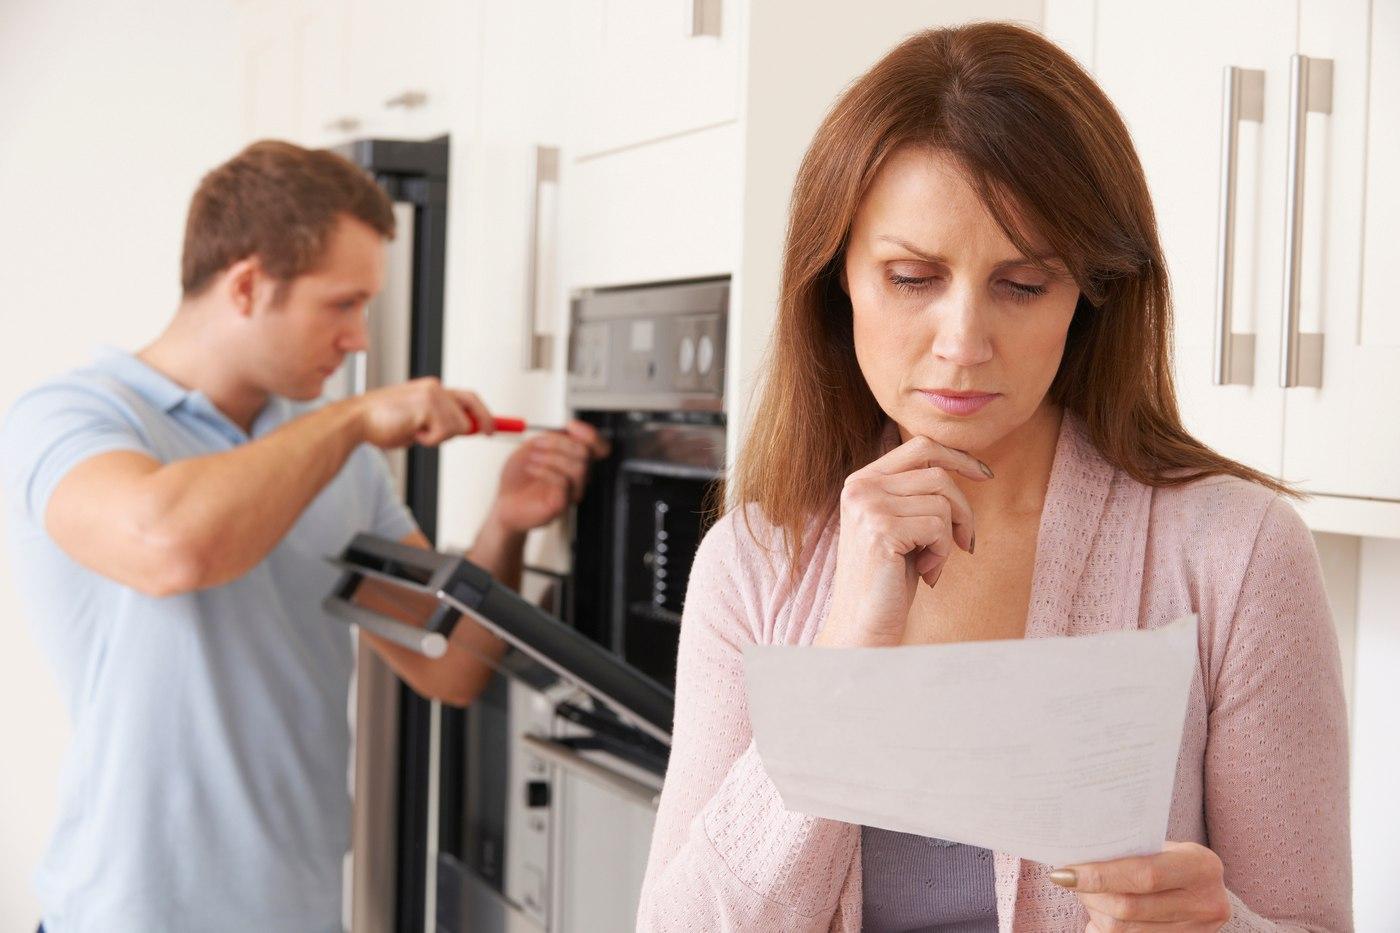 Woman Reviewing Repair Bill